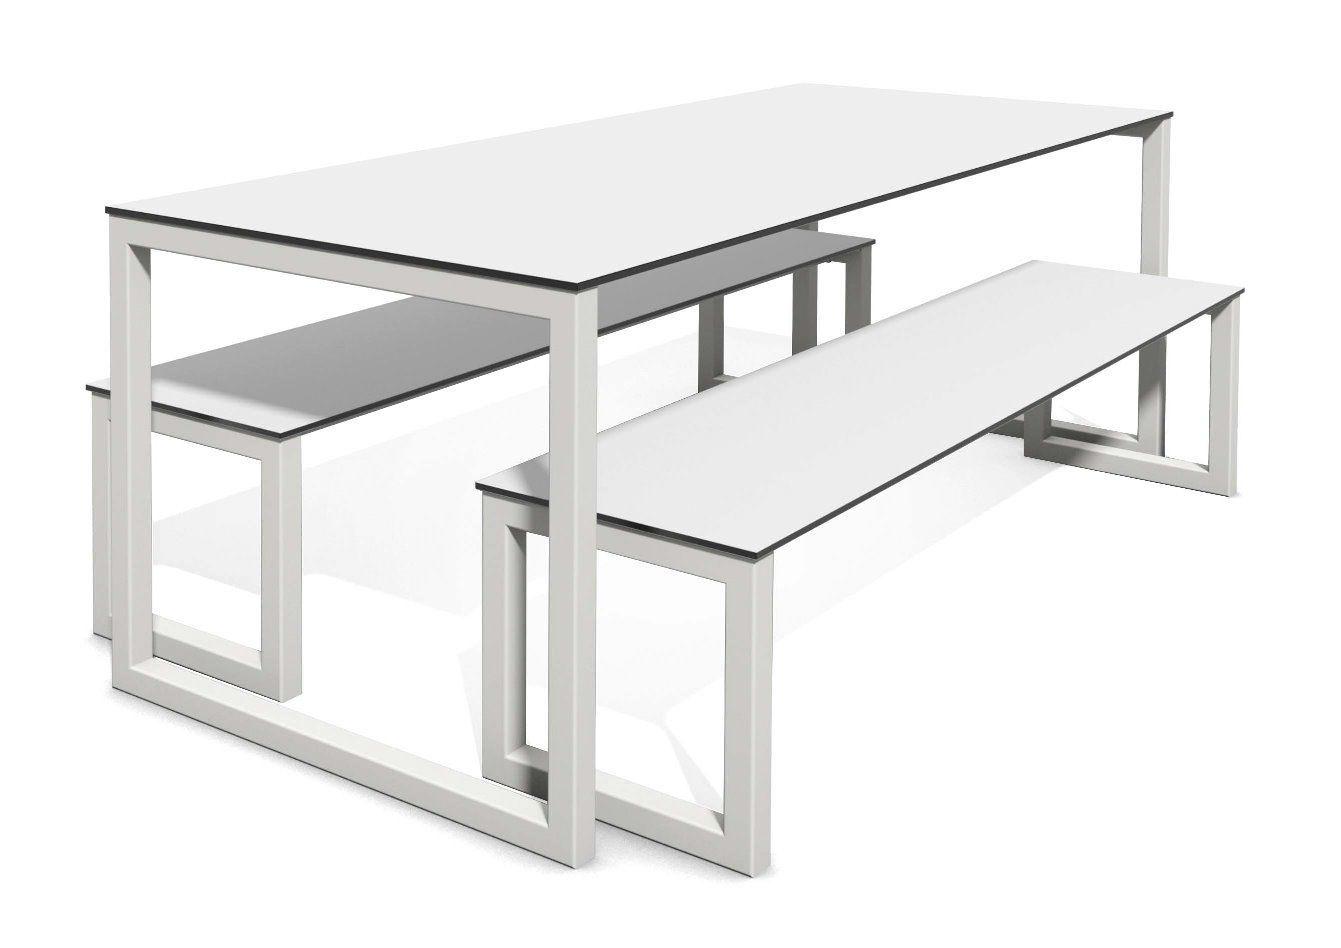 Tavoli E Panche Da Esterno.Set Tavolo E Panca Moderno Block Frovi In Acciaio Da